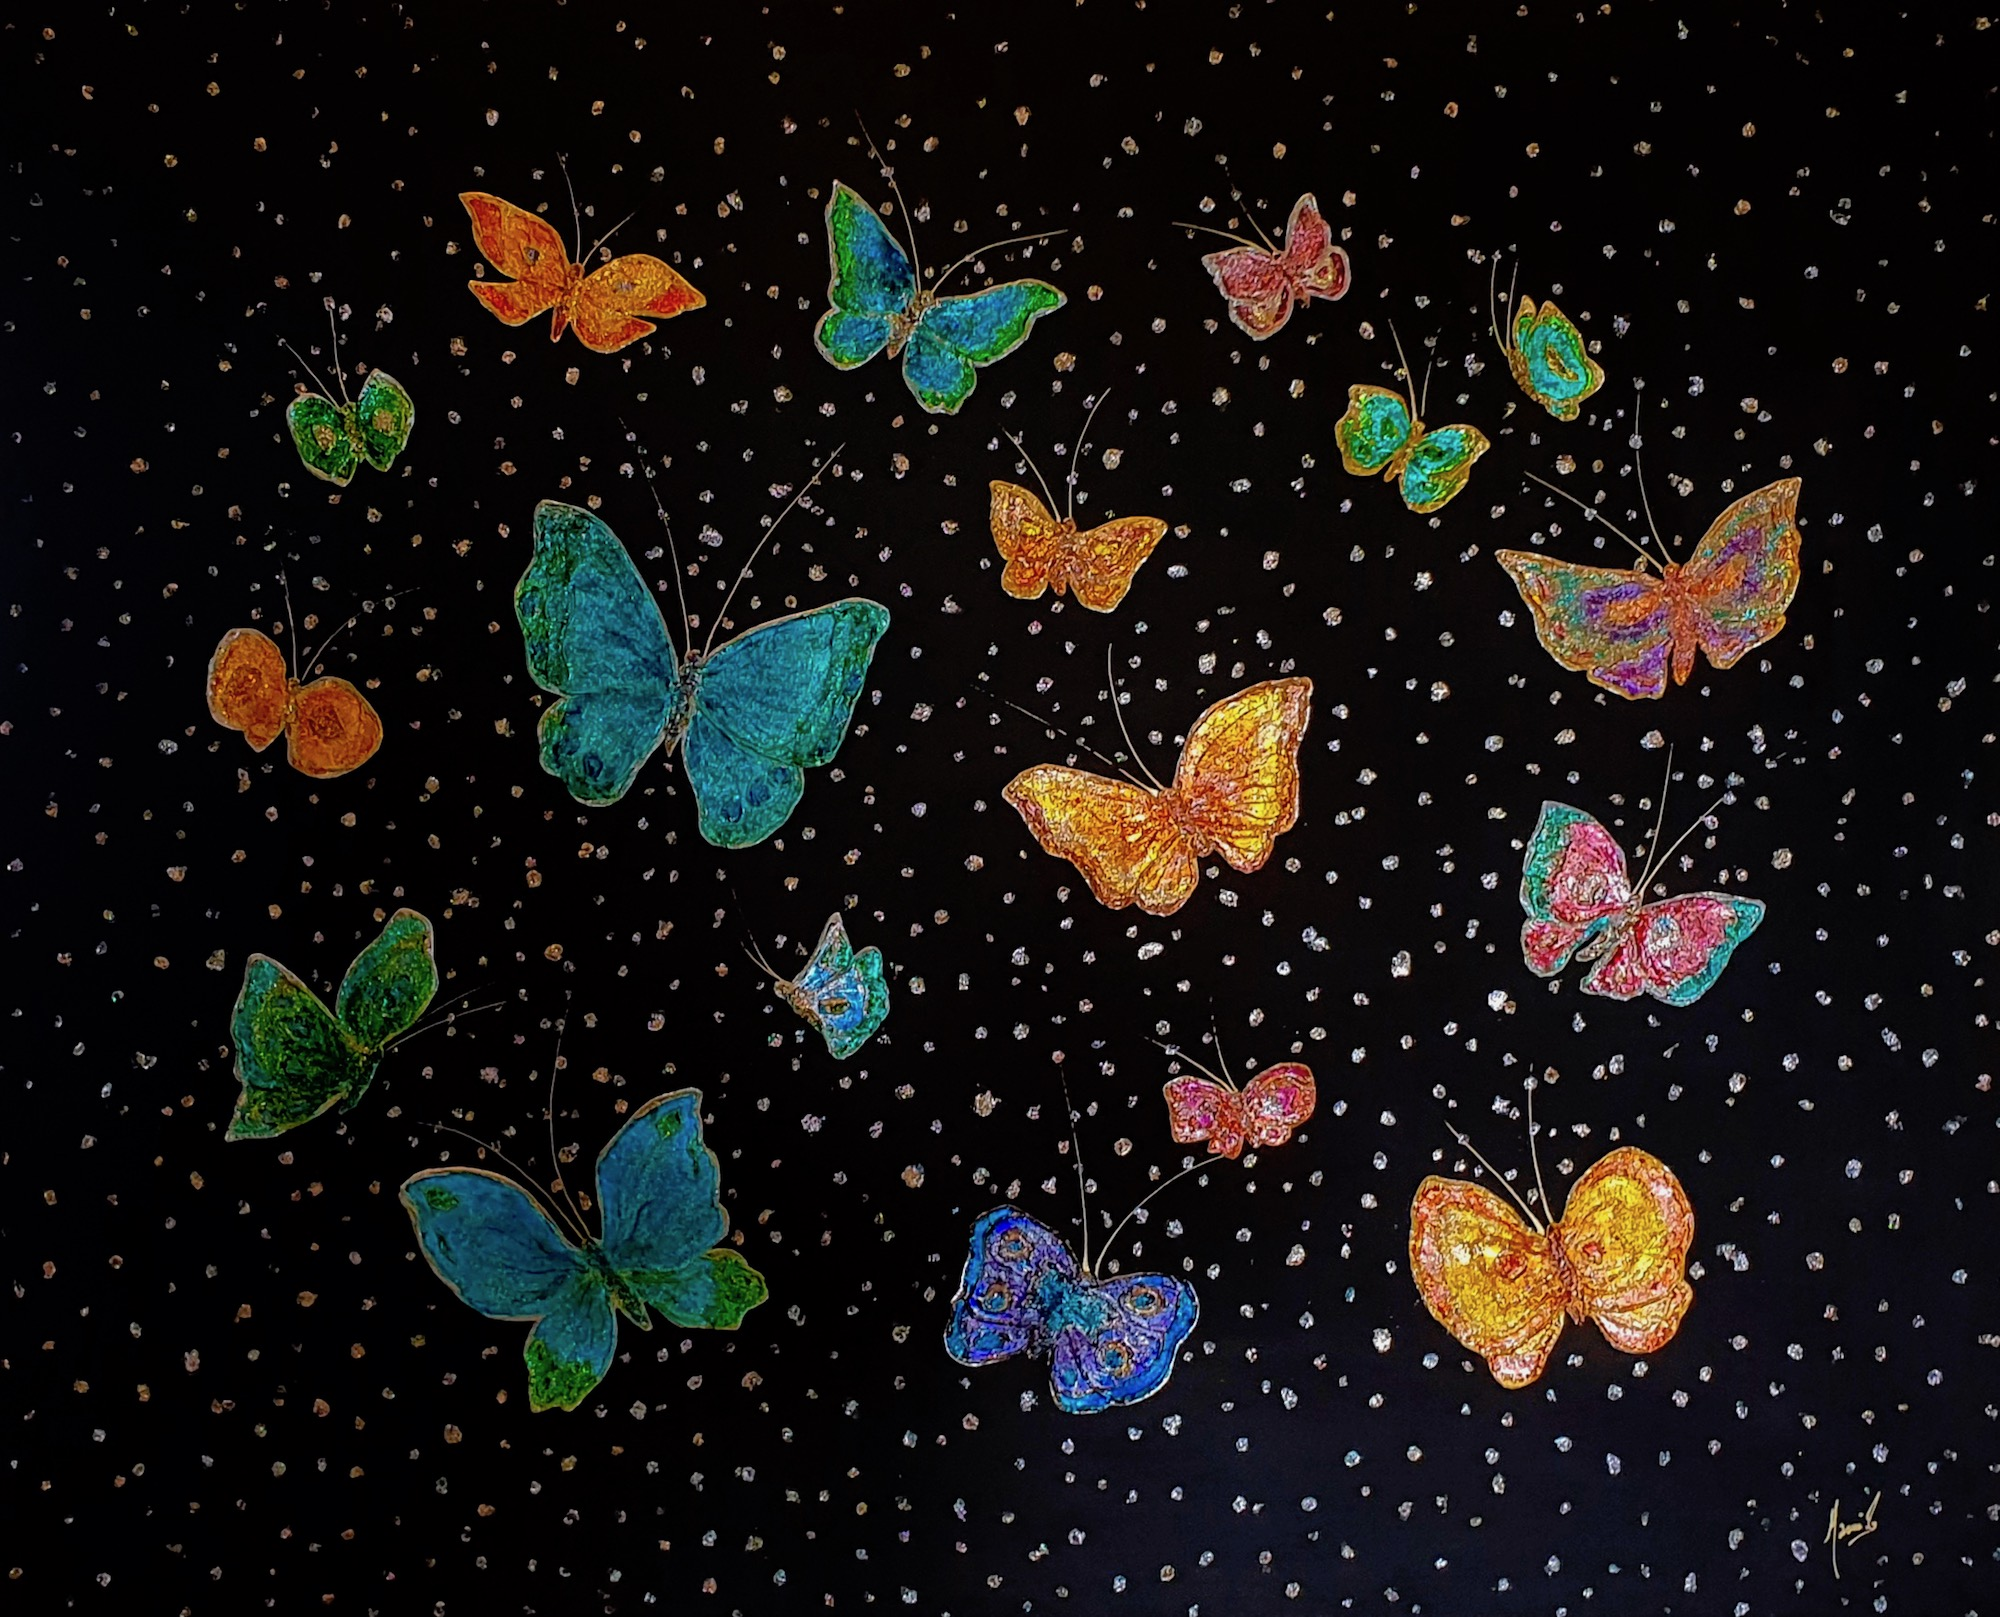 MAMI / Images et Poésie, Air Papillon (81 x 100cm)